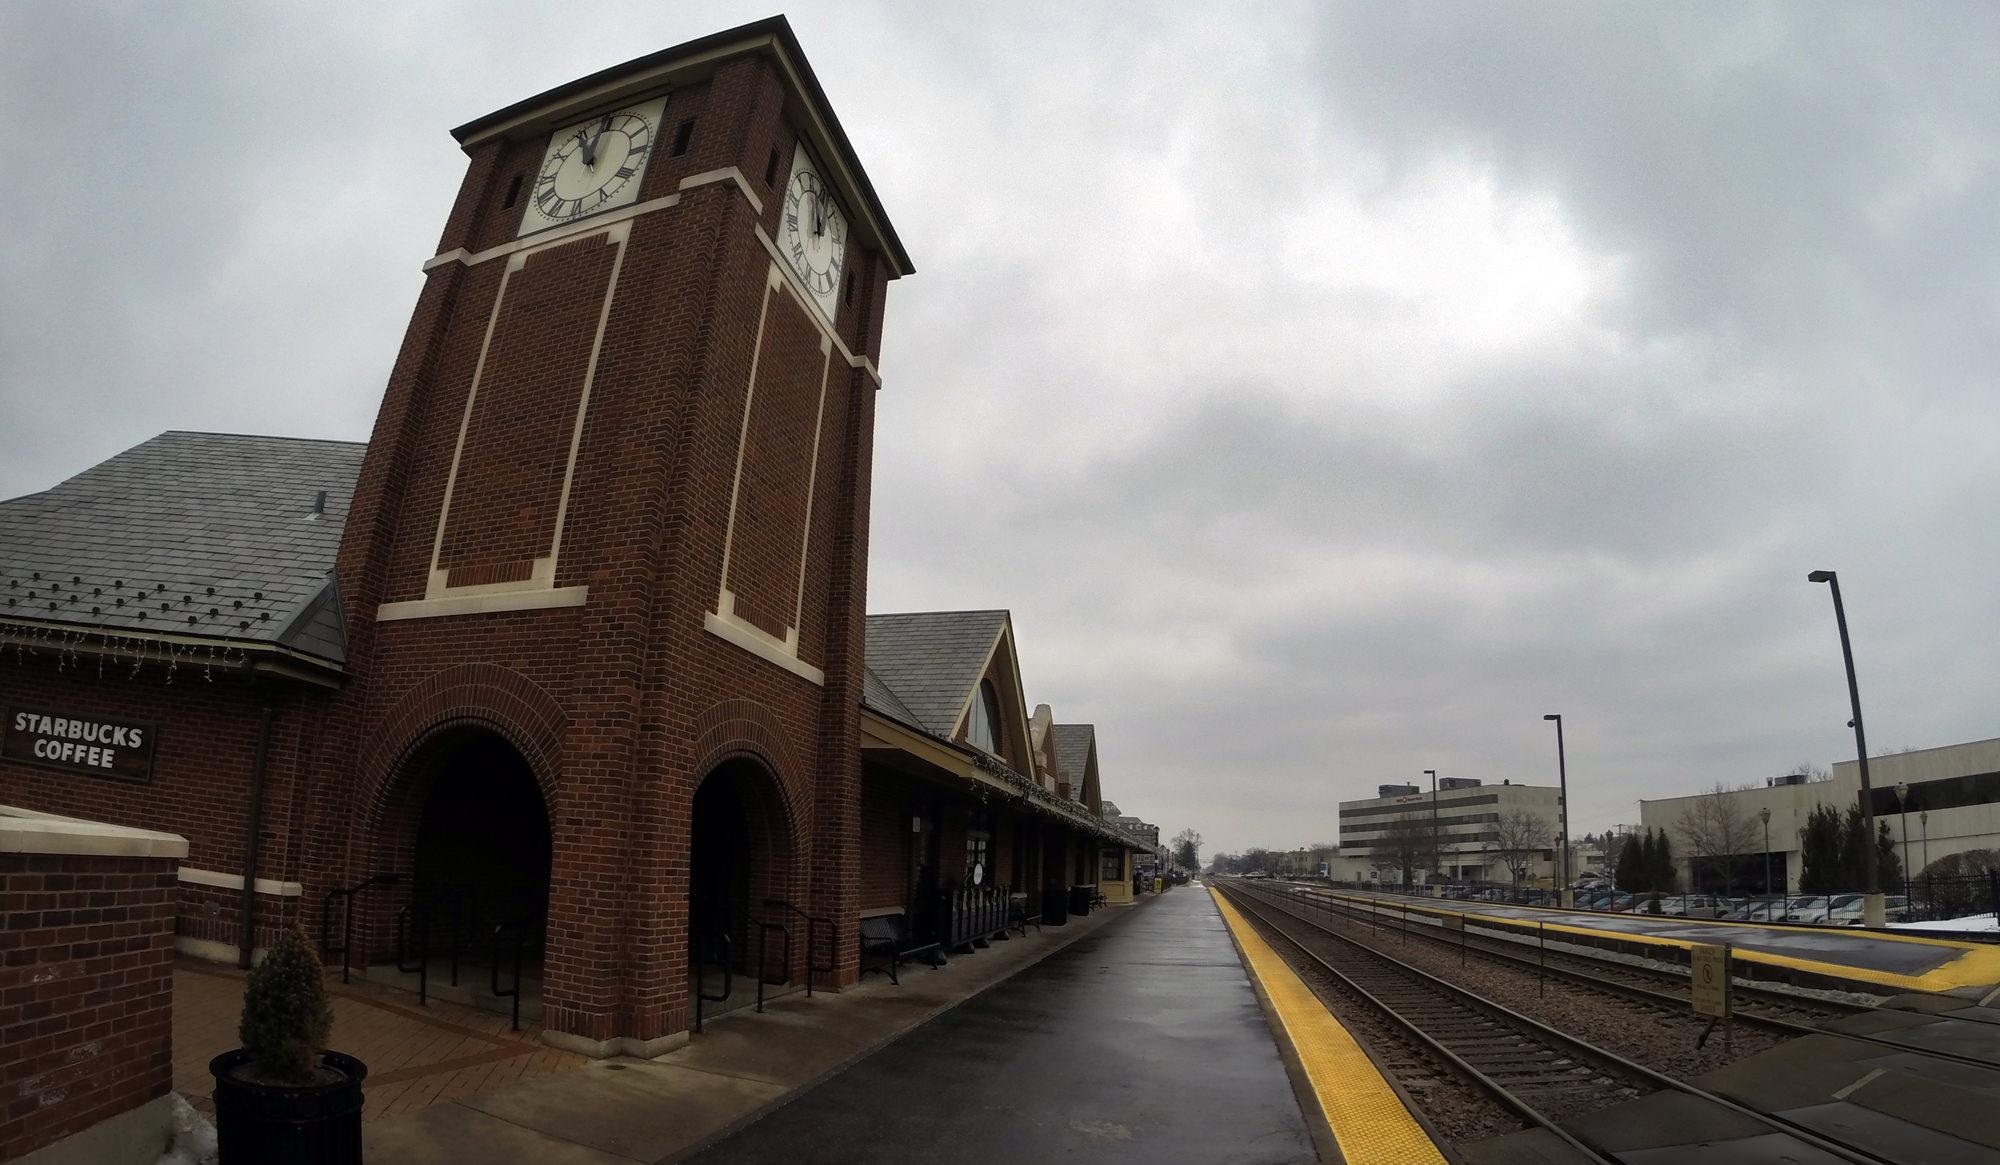 PalatIne_Train_Station_GoPro_Reverse_Angle_2000_x_1165